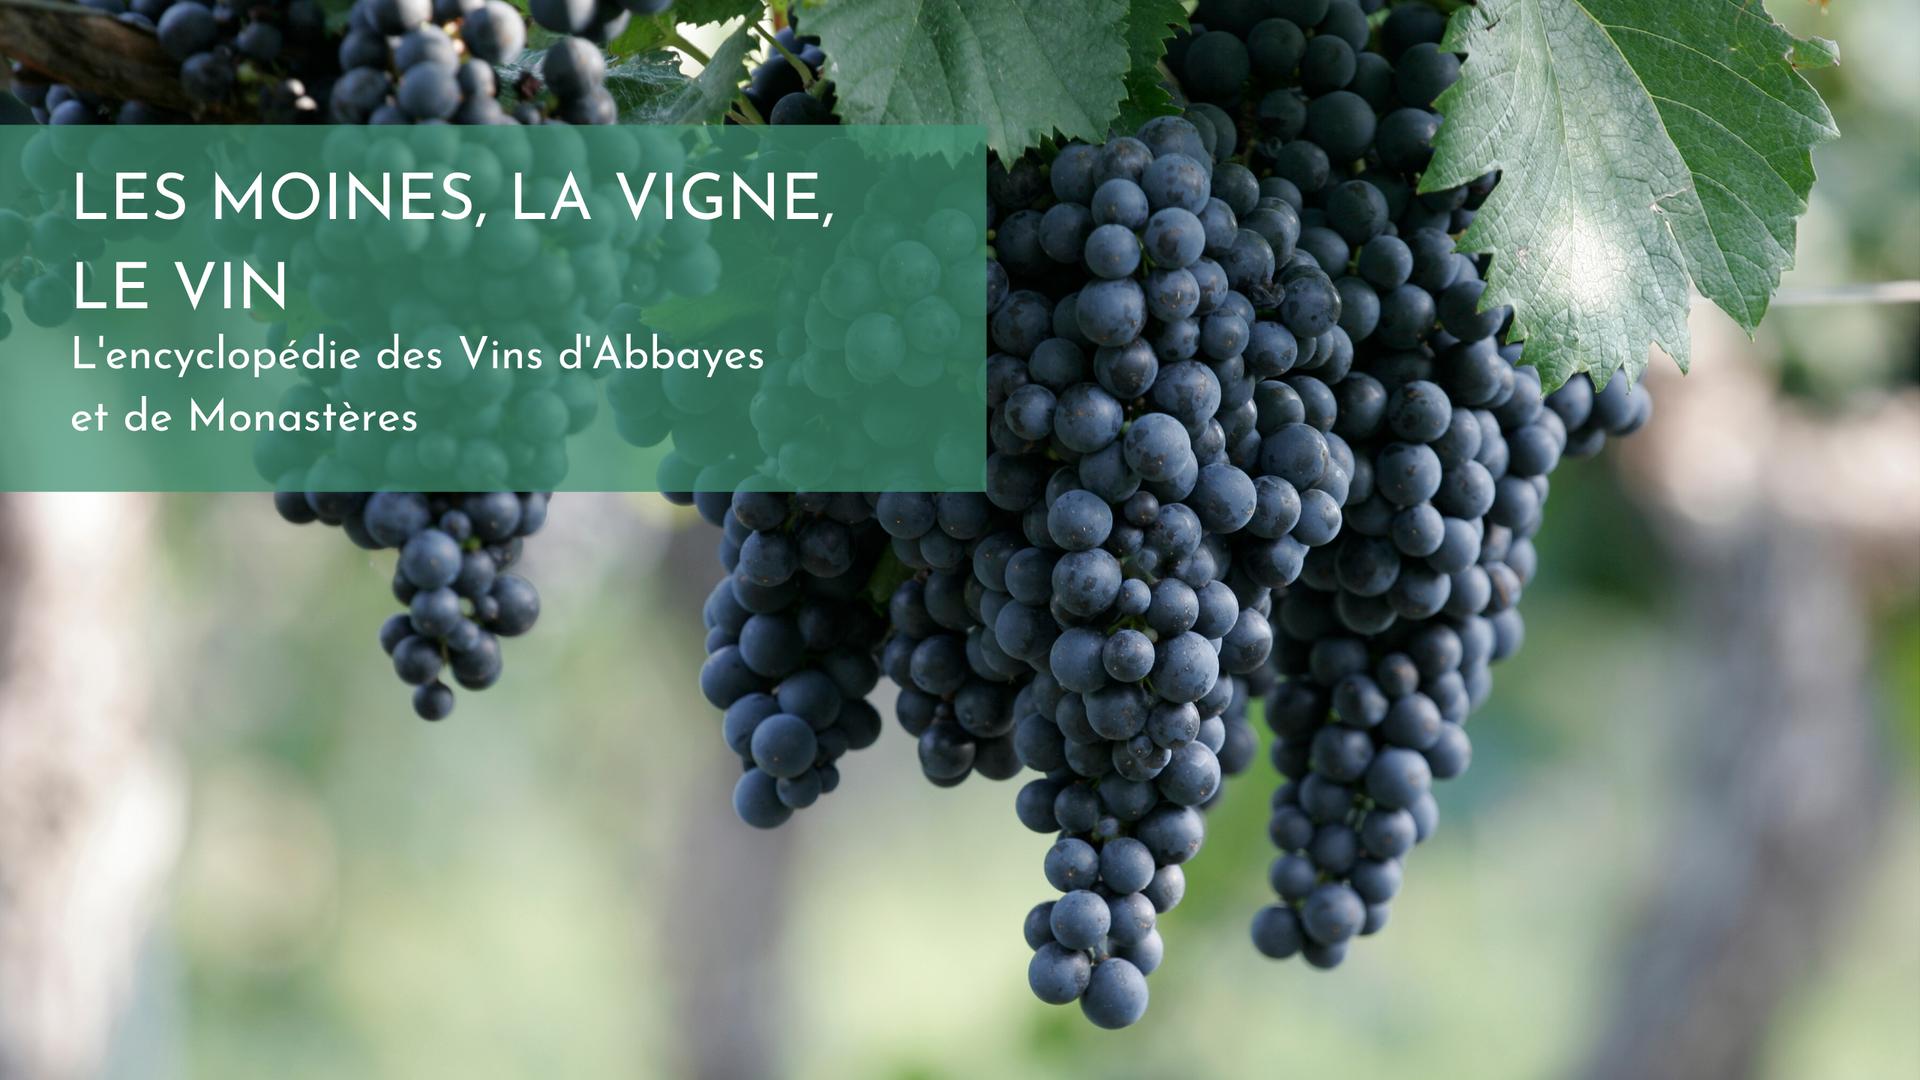 Les moines, la vigne, le vin.png